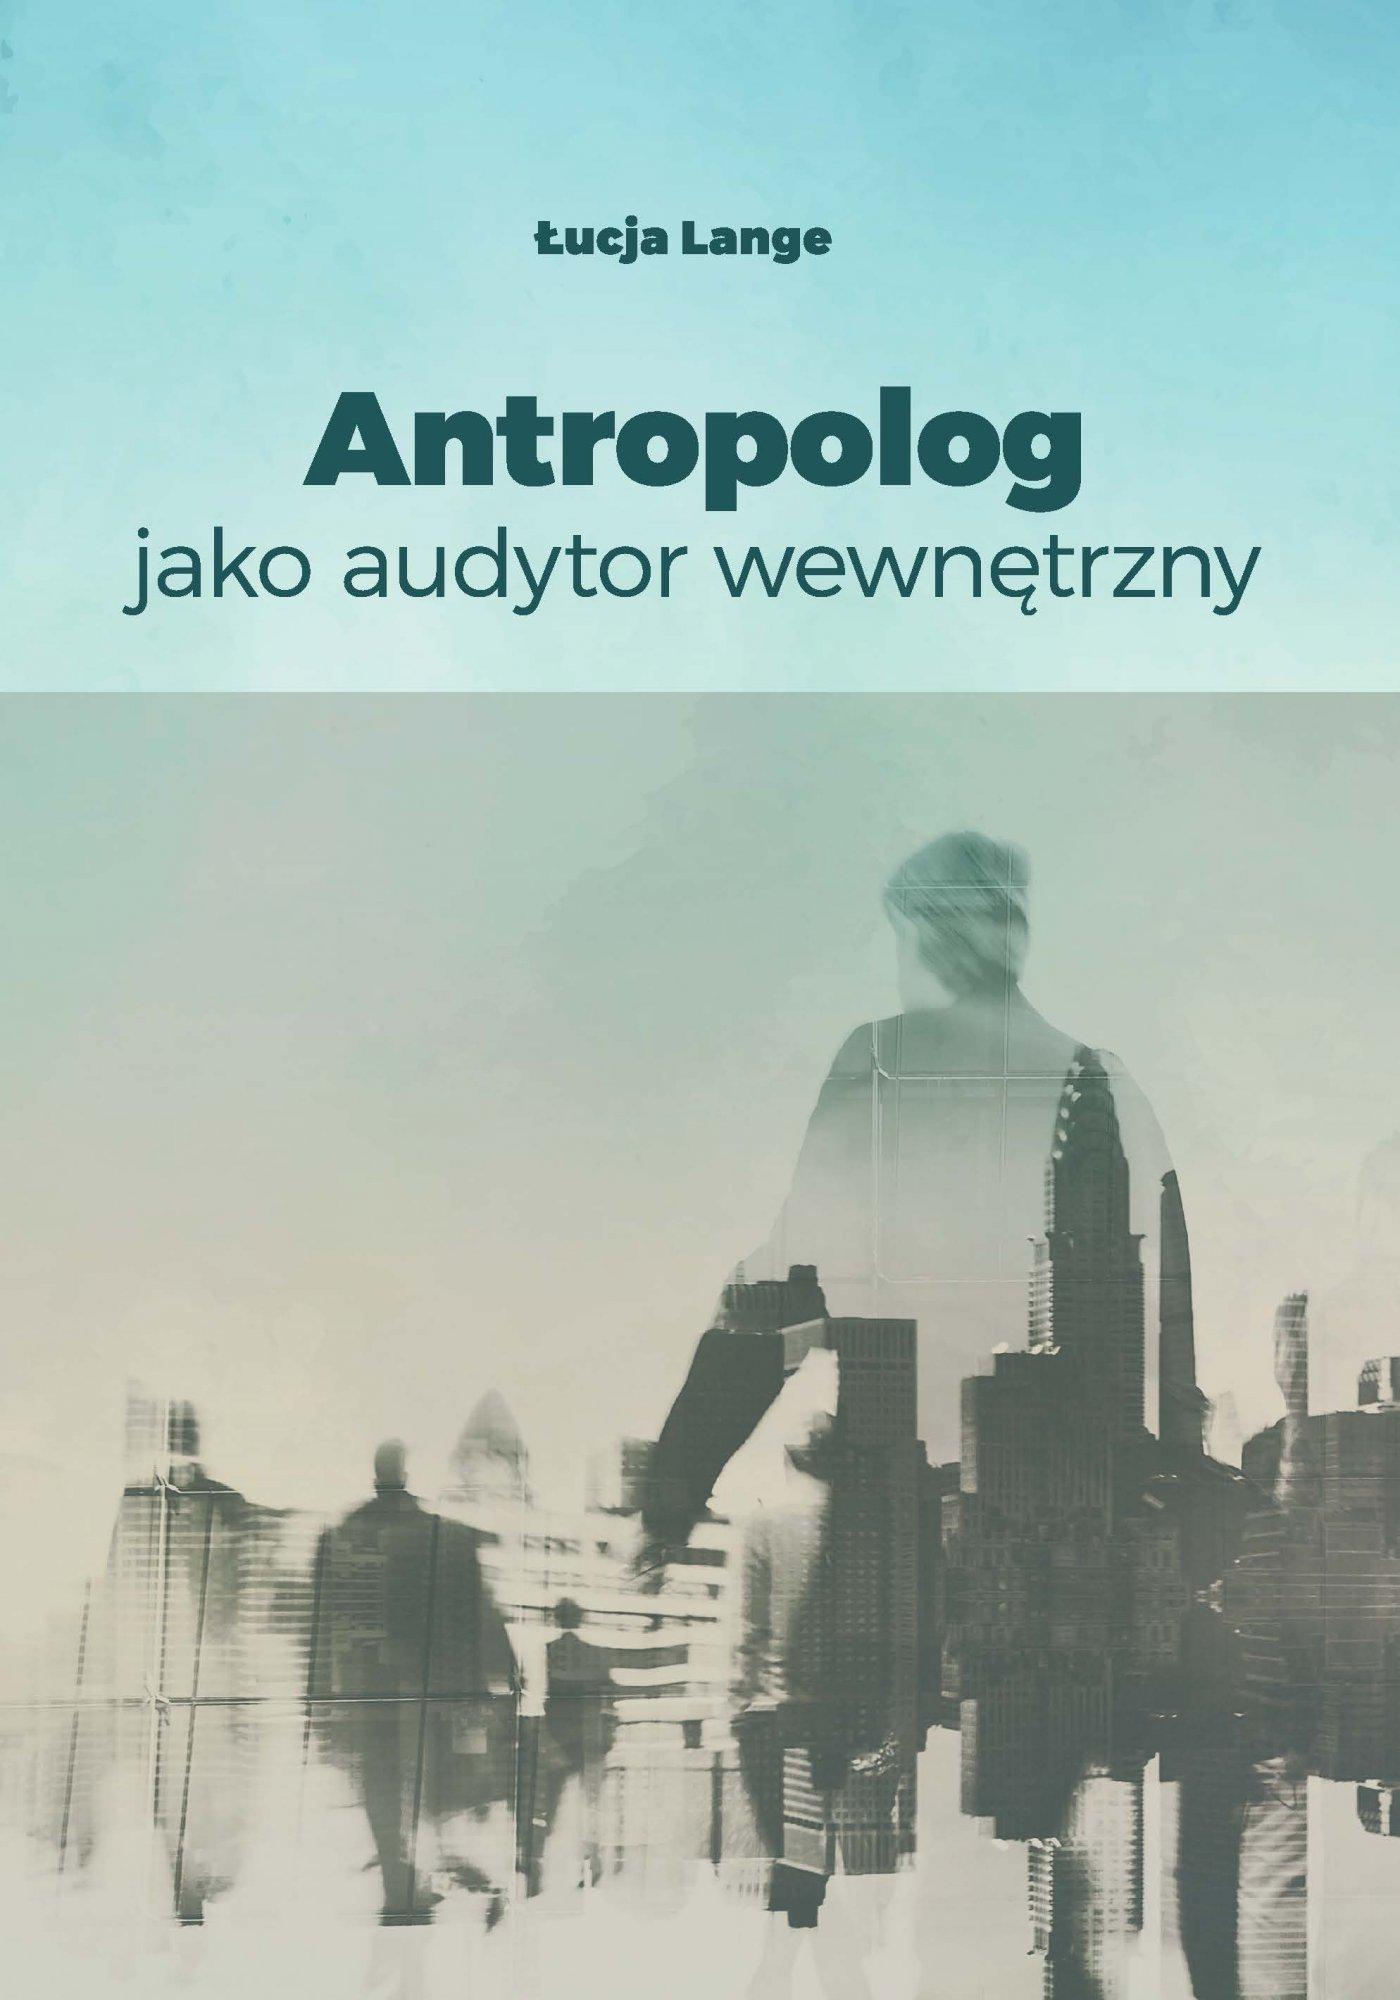 Antropolog jako audytor wewnętrzny - Ebook (Książka PDF) do pobrania w formacie PDF